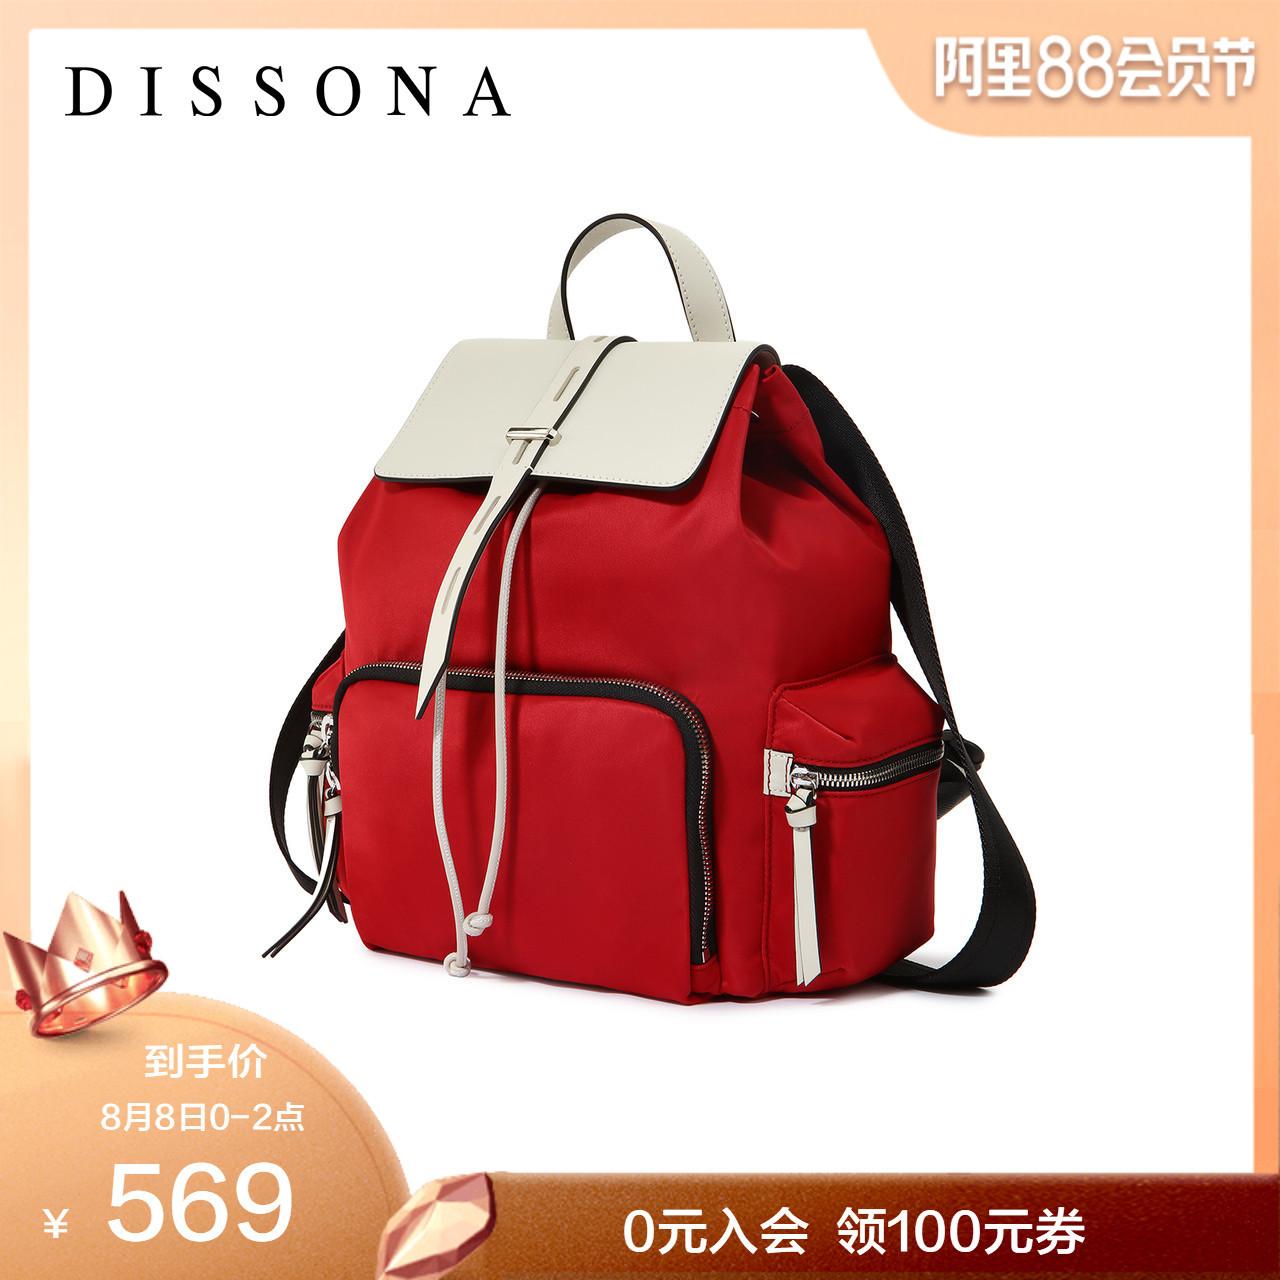 迪桑娜女包时尚帆布包双肩包2019新款包包大容量书包休闲抽绳背包 599元